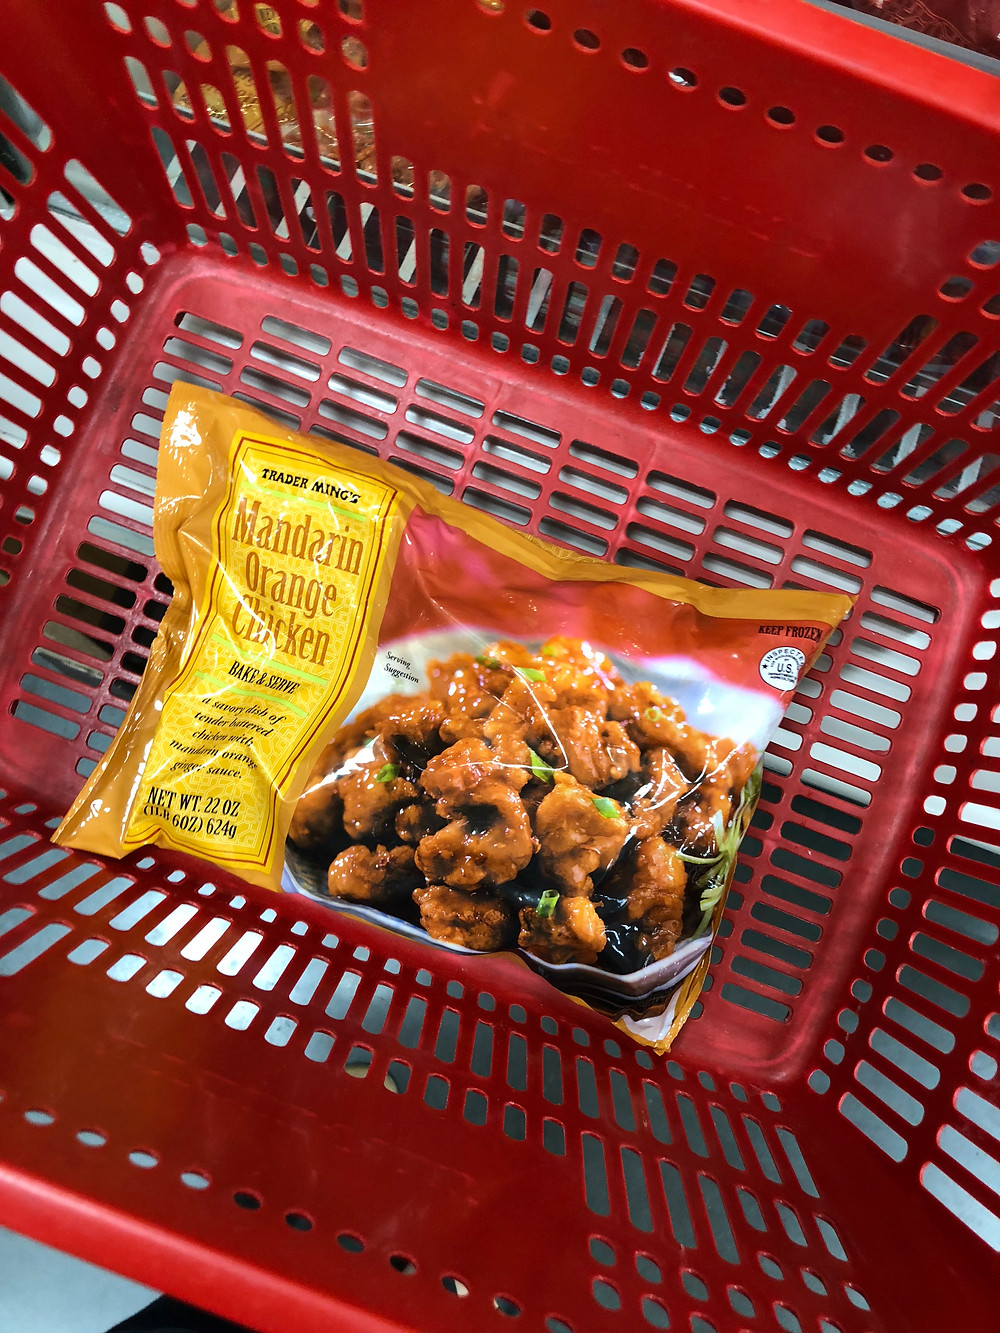 Trader Joes yummy mandarin orange chicken